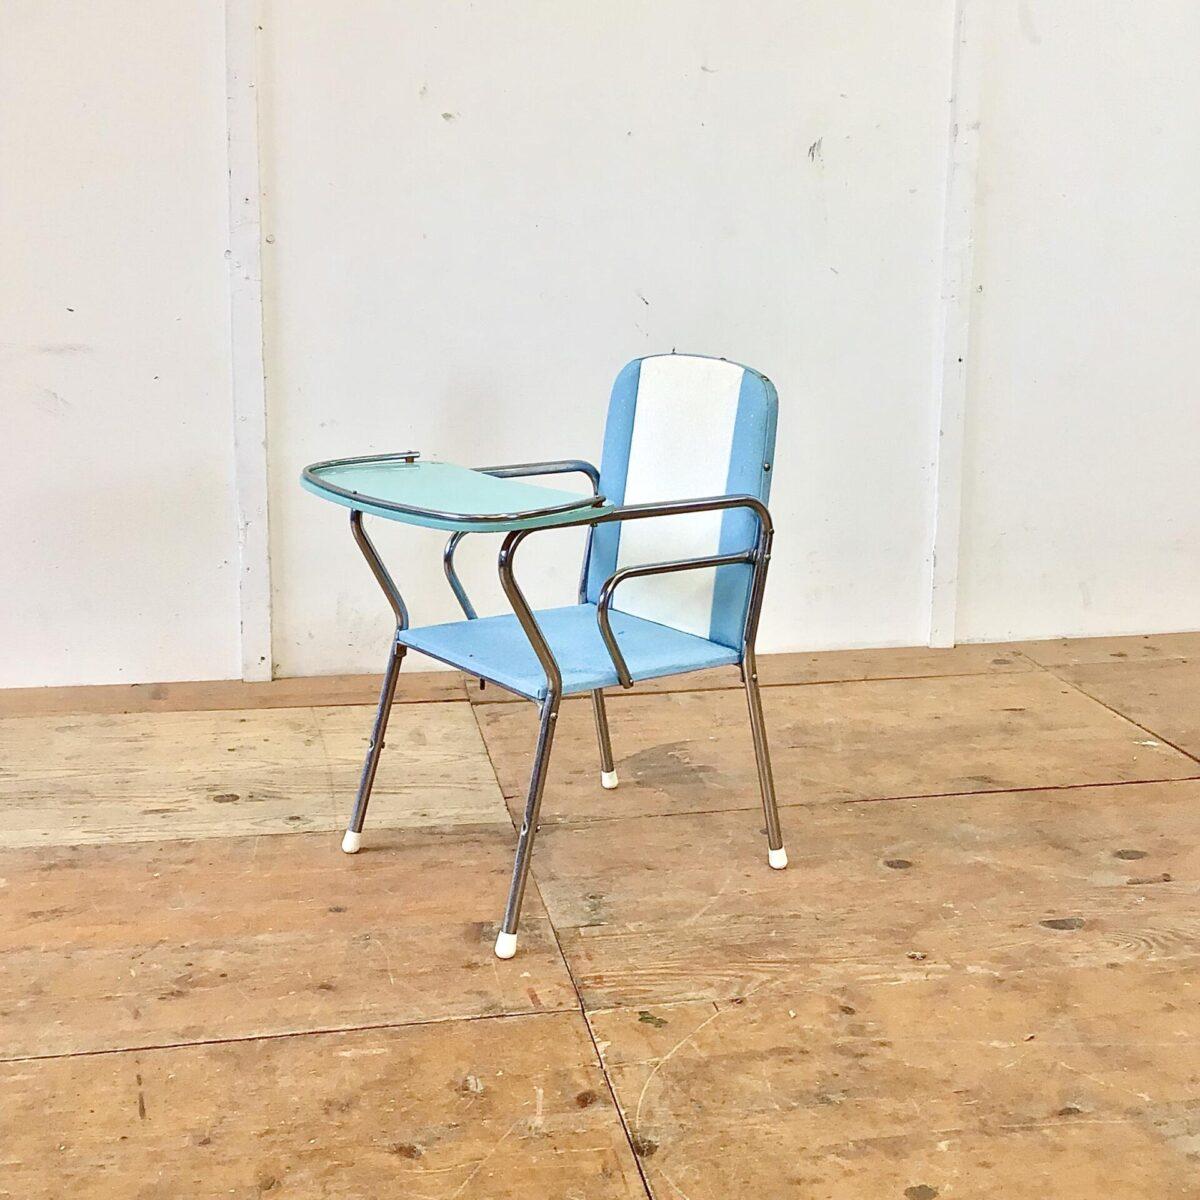 Vintage Kinderstuhl und Tisch. Vom Holländischen Kinderwagen Hersteller Van Delft. Der Stuhl lässt sich zusammen mit dem Tischgestell zum Hochstuhl umbauen. Tischgrösse 56x42cm Höhe 52cm. Sitzhöhe des Stuhls 28cm.